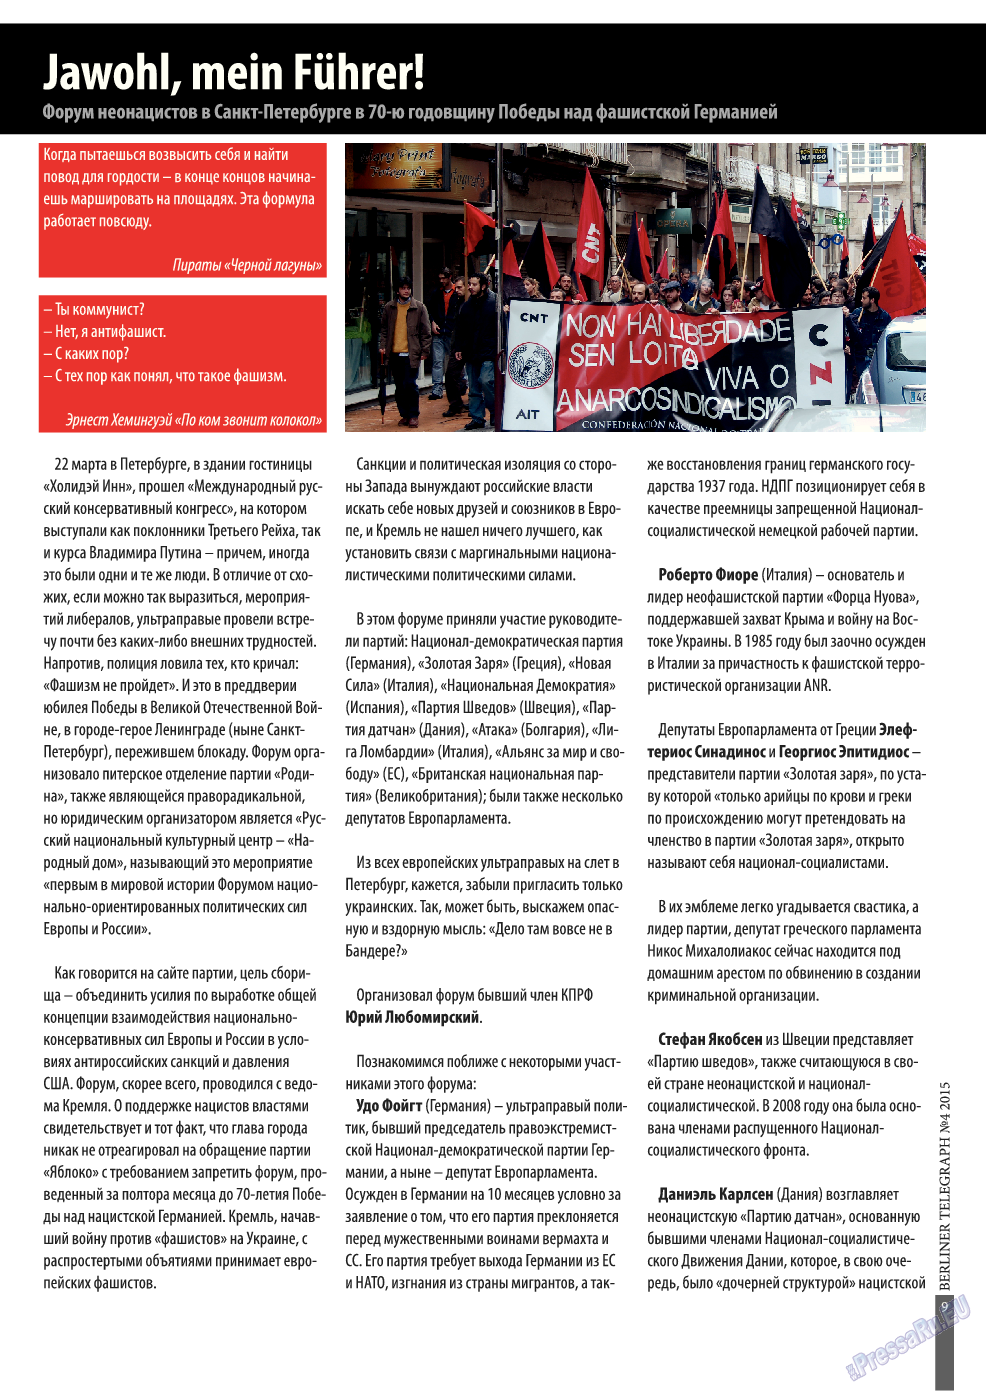 Берлинский телеграф (журнал). 2015 год, номер 4, стр. 9